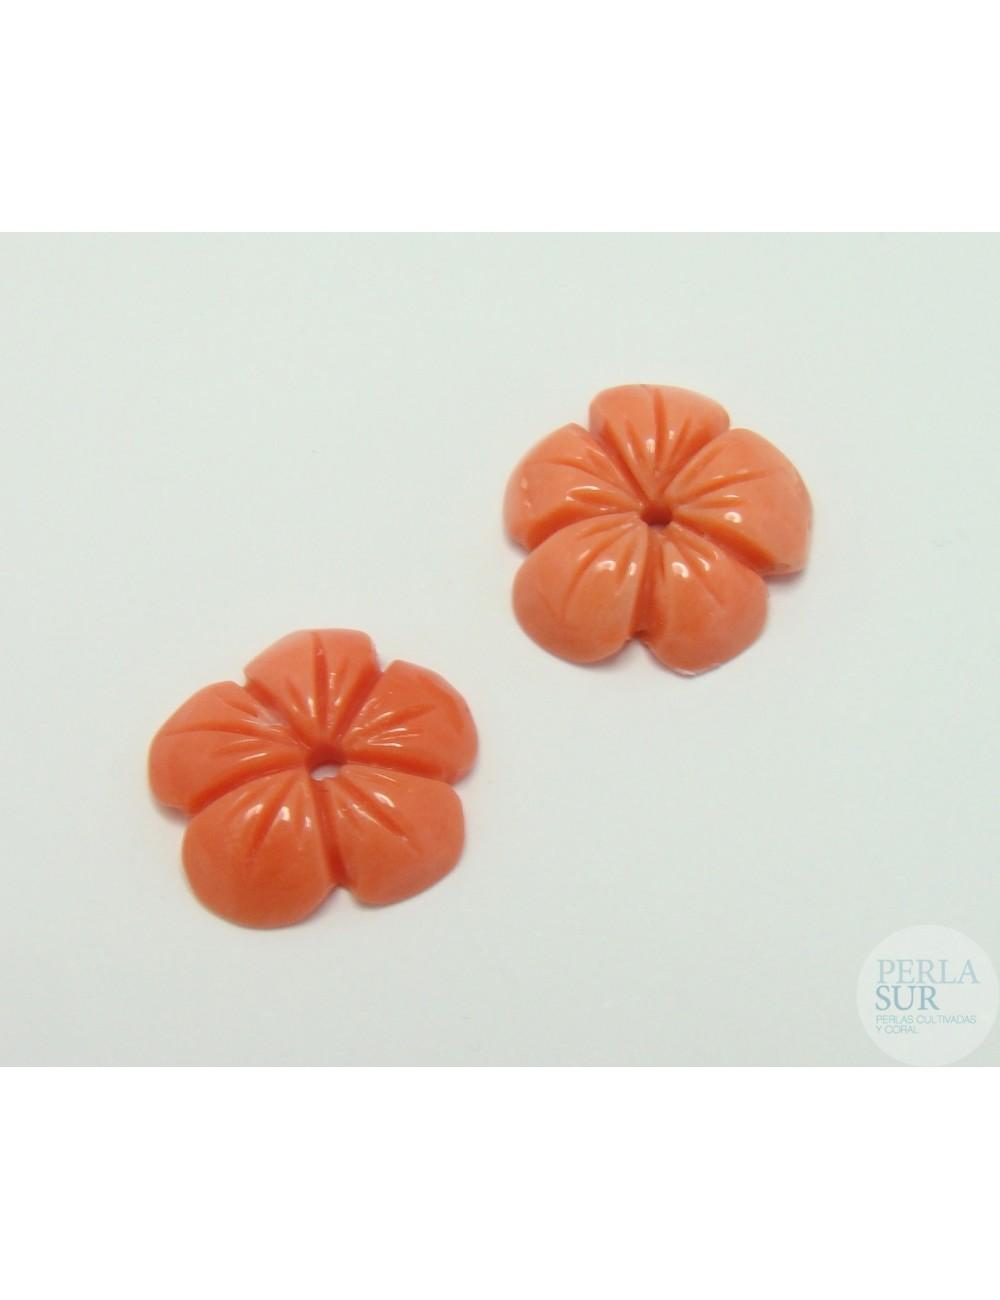 Flor 5 pétalos Coral Japonés 10 a 12mm